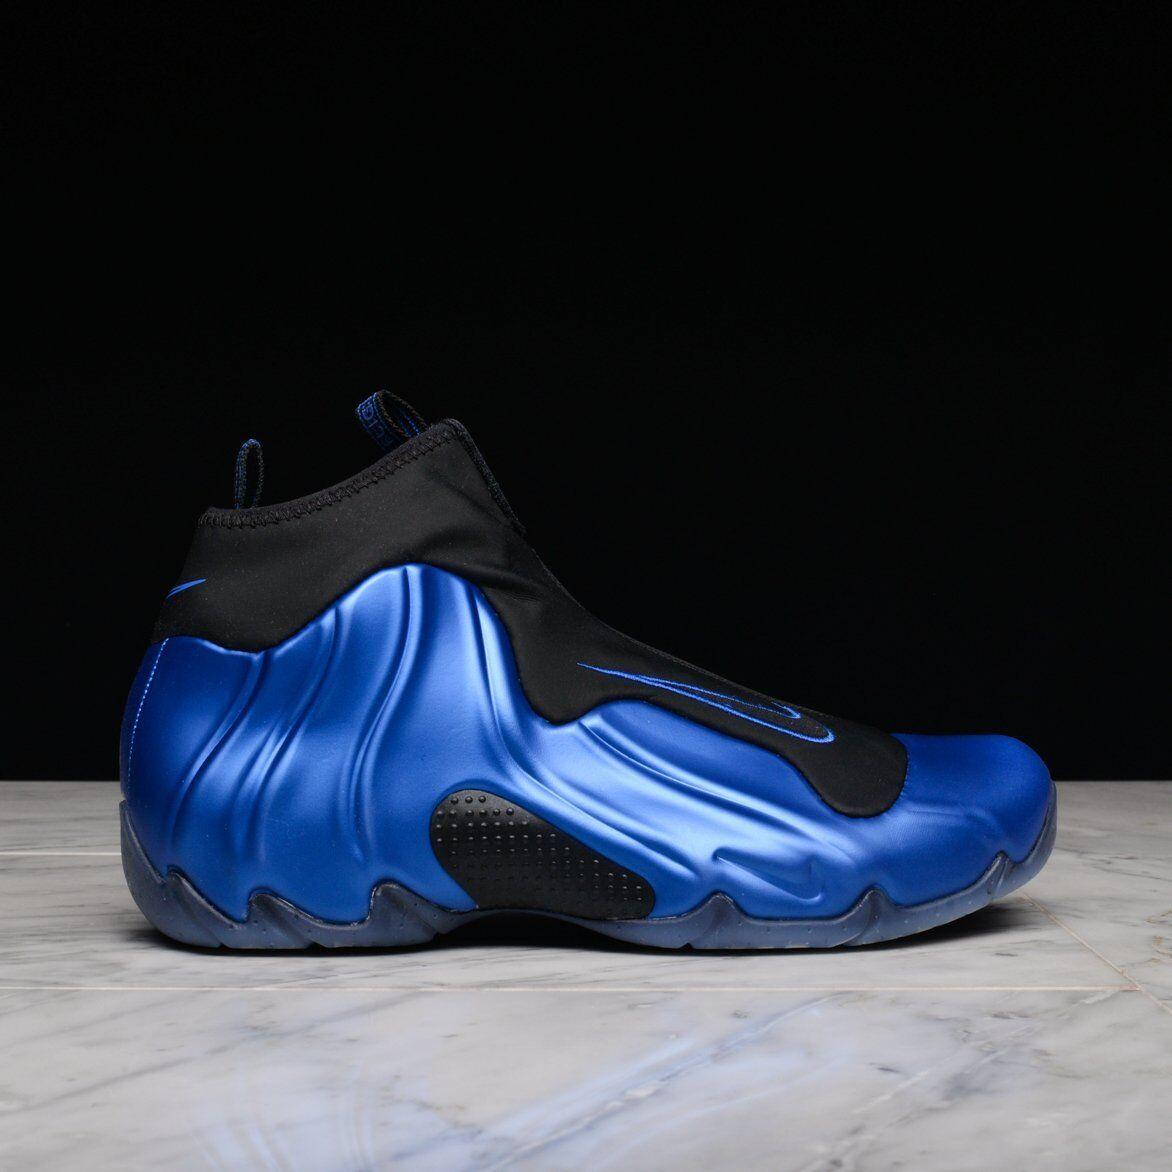 NlKE Air Flightposite Dark Neon Royal bluee Penny Foamposite Garnett sz 9.5 shoes